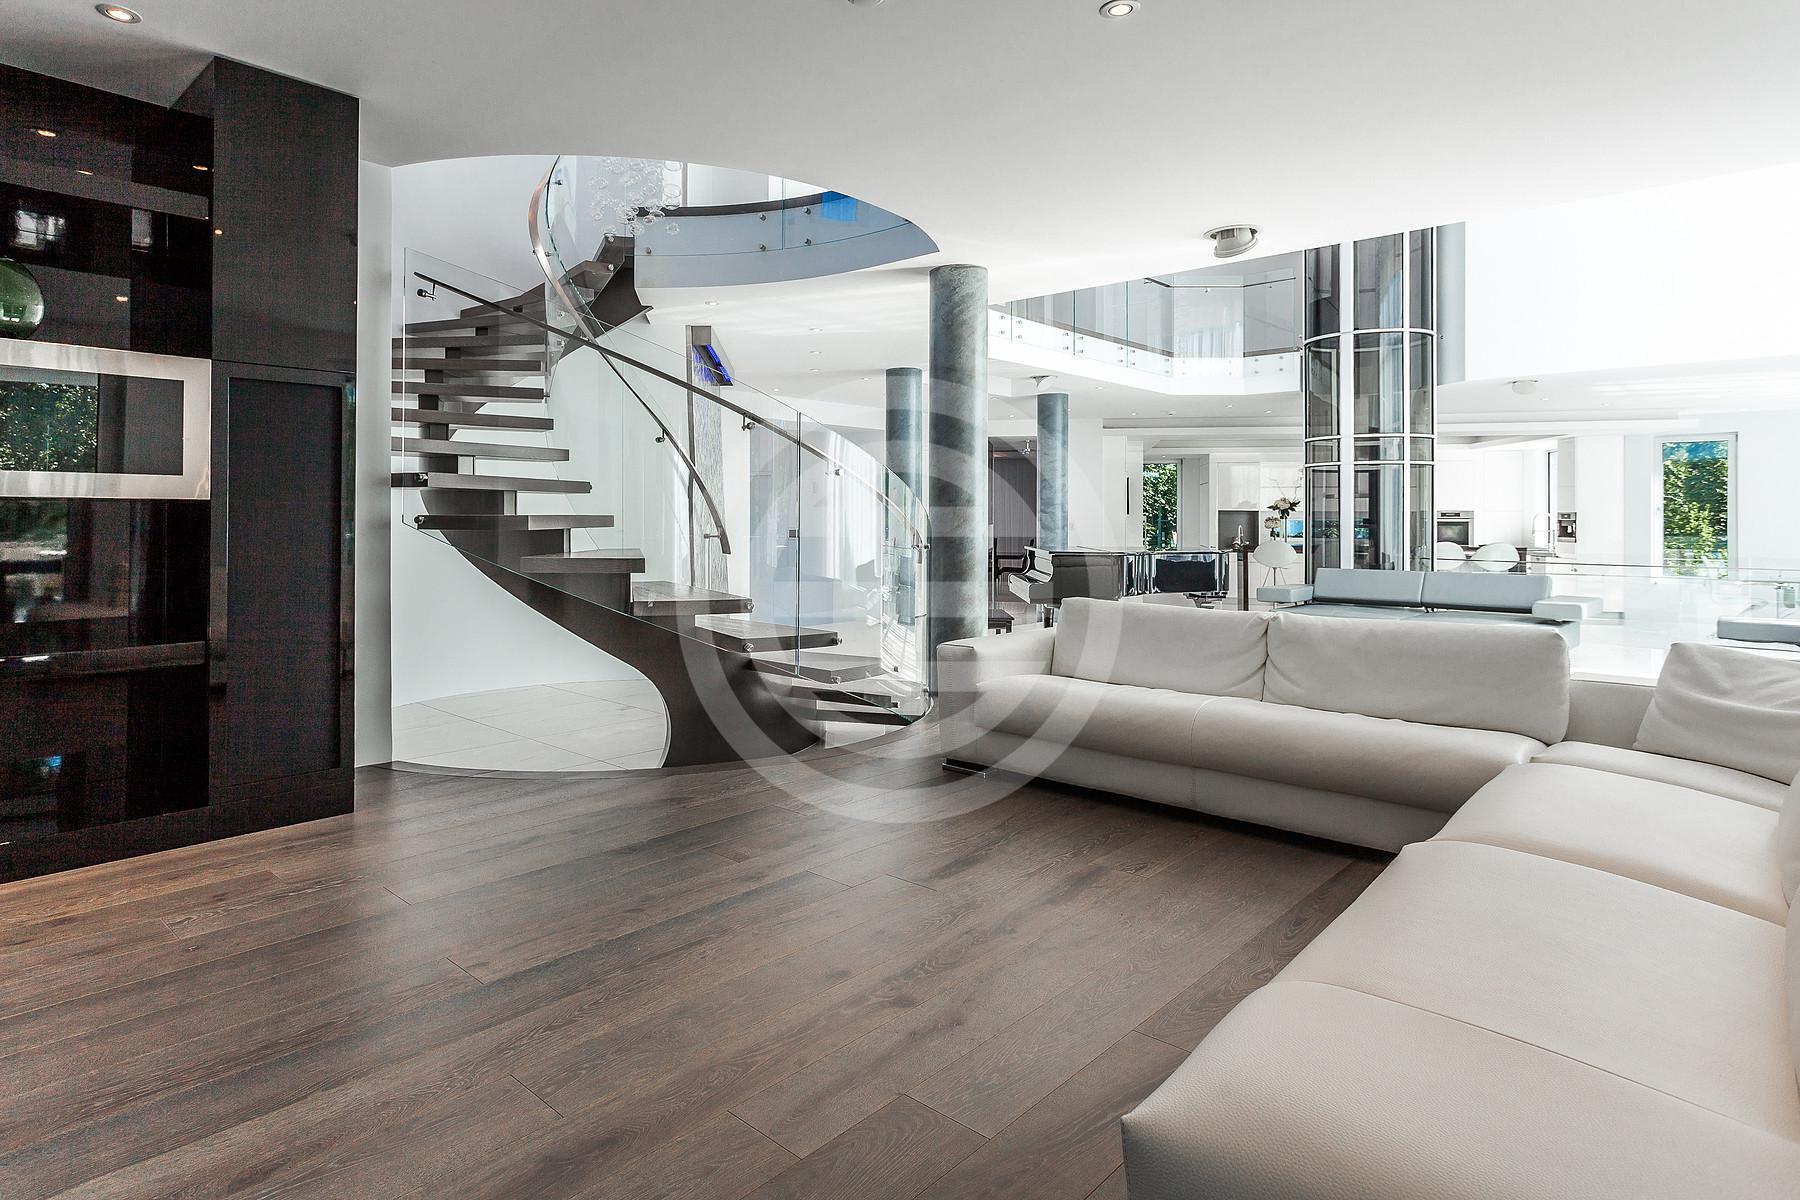 加拿大住房市场的未来之星:蒙特利尔